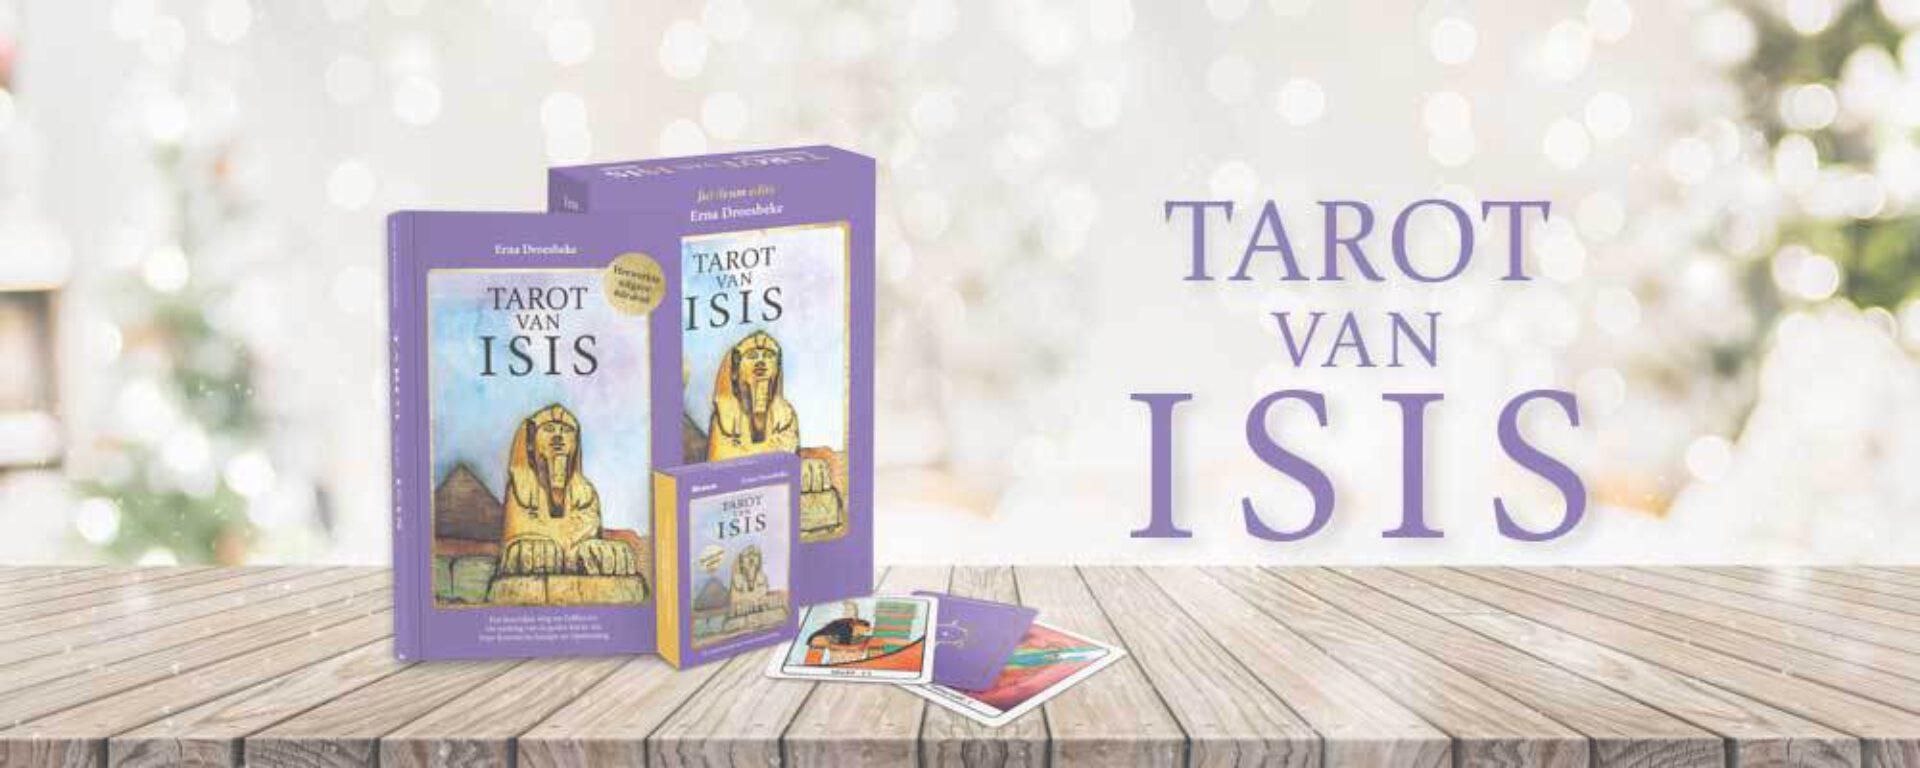 Tarot van Isis: ontwerpster Erna Droesbeke geeft ons een inkijk in het creatieve proces